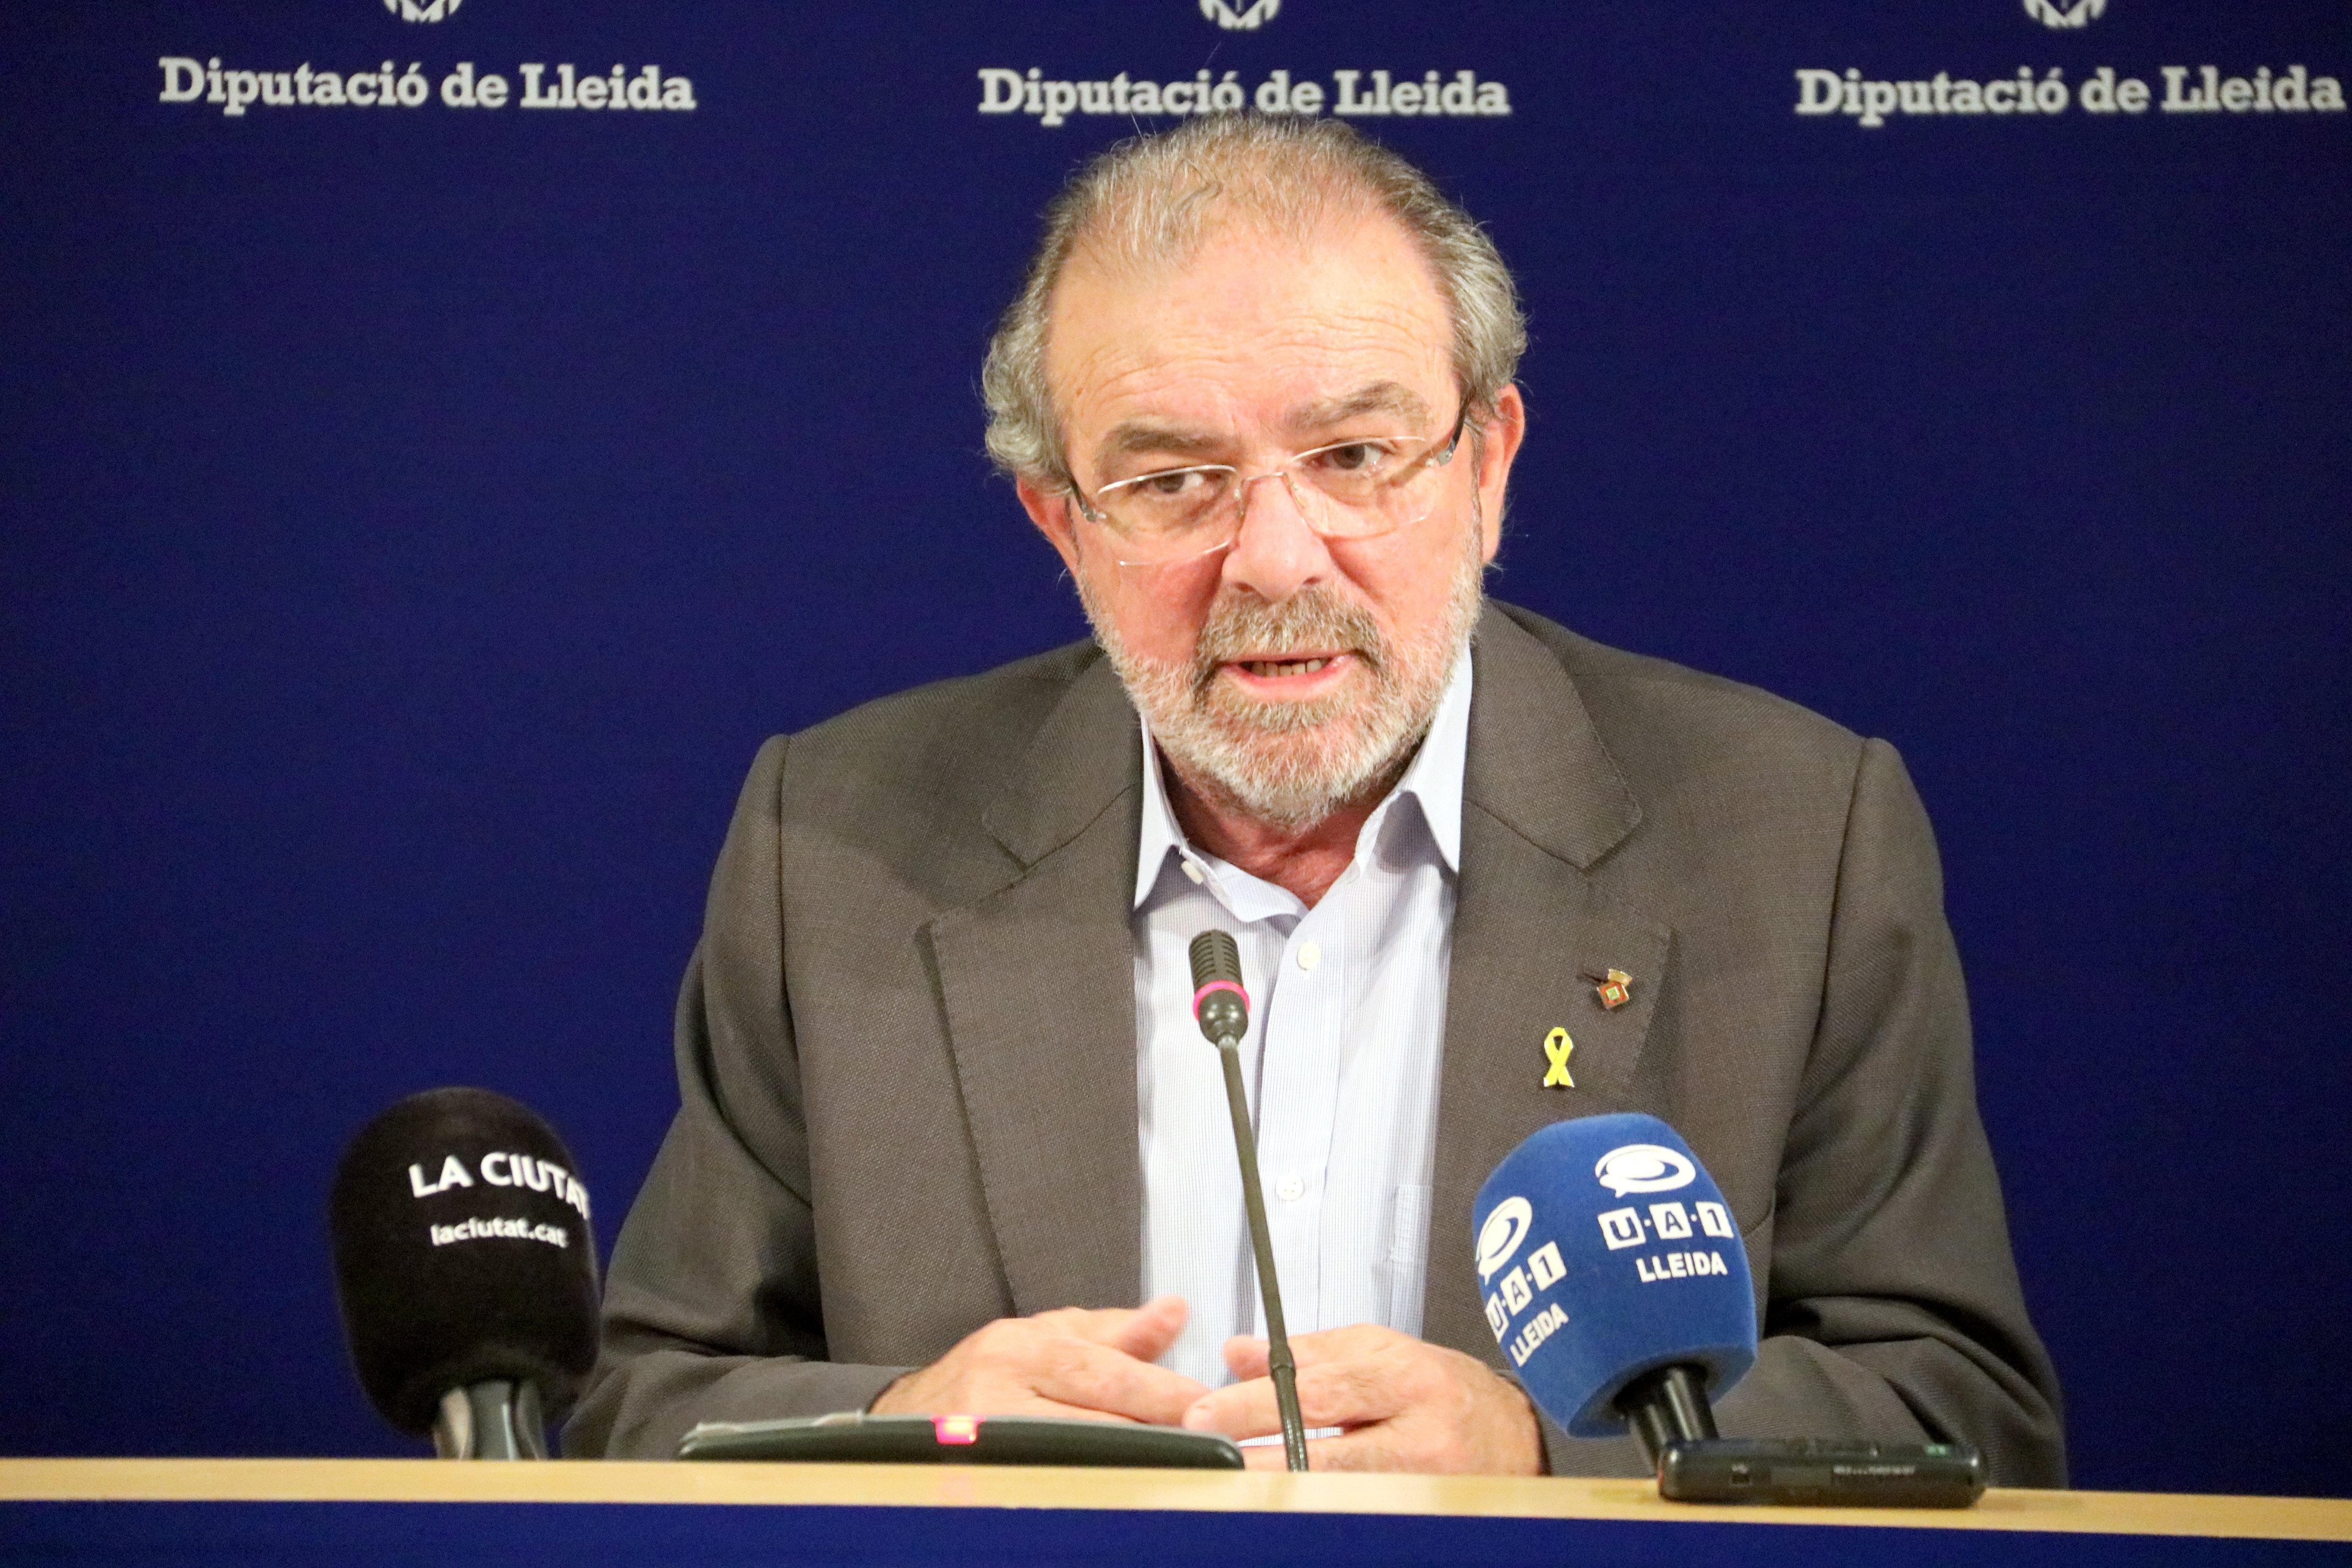 """Reñé fa pública la seva renúncia com a president de la Diputació de Lleida retraient la """"deslleialtat"""" de diputats del PdCAT"""